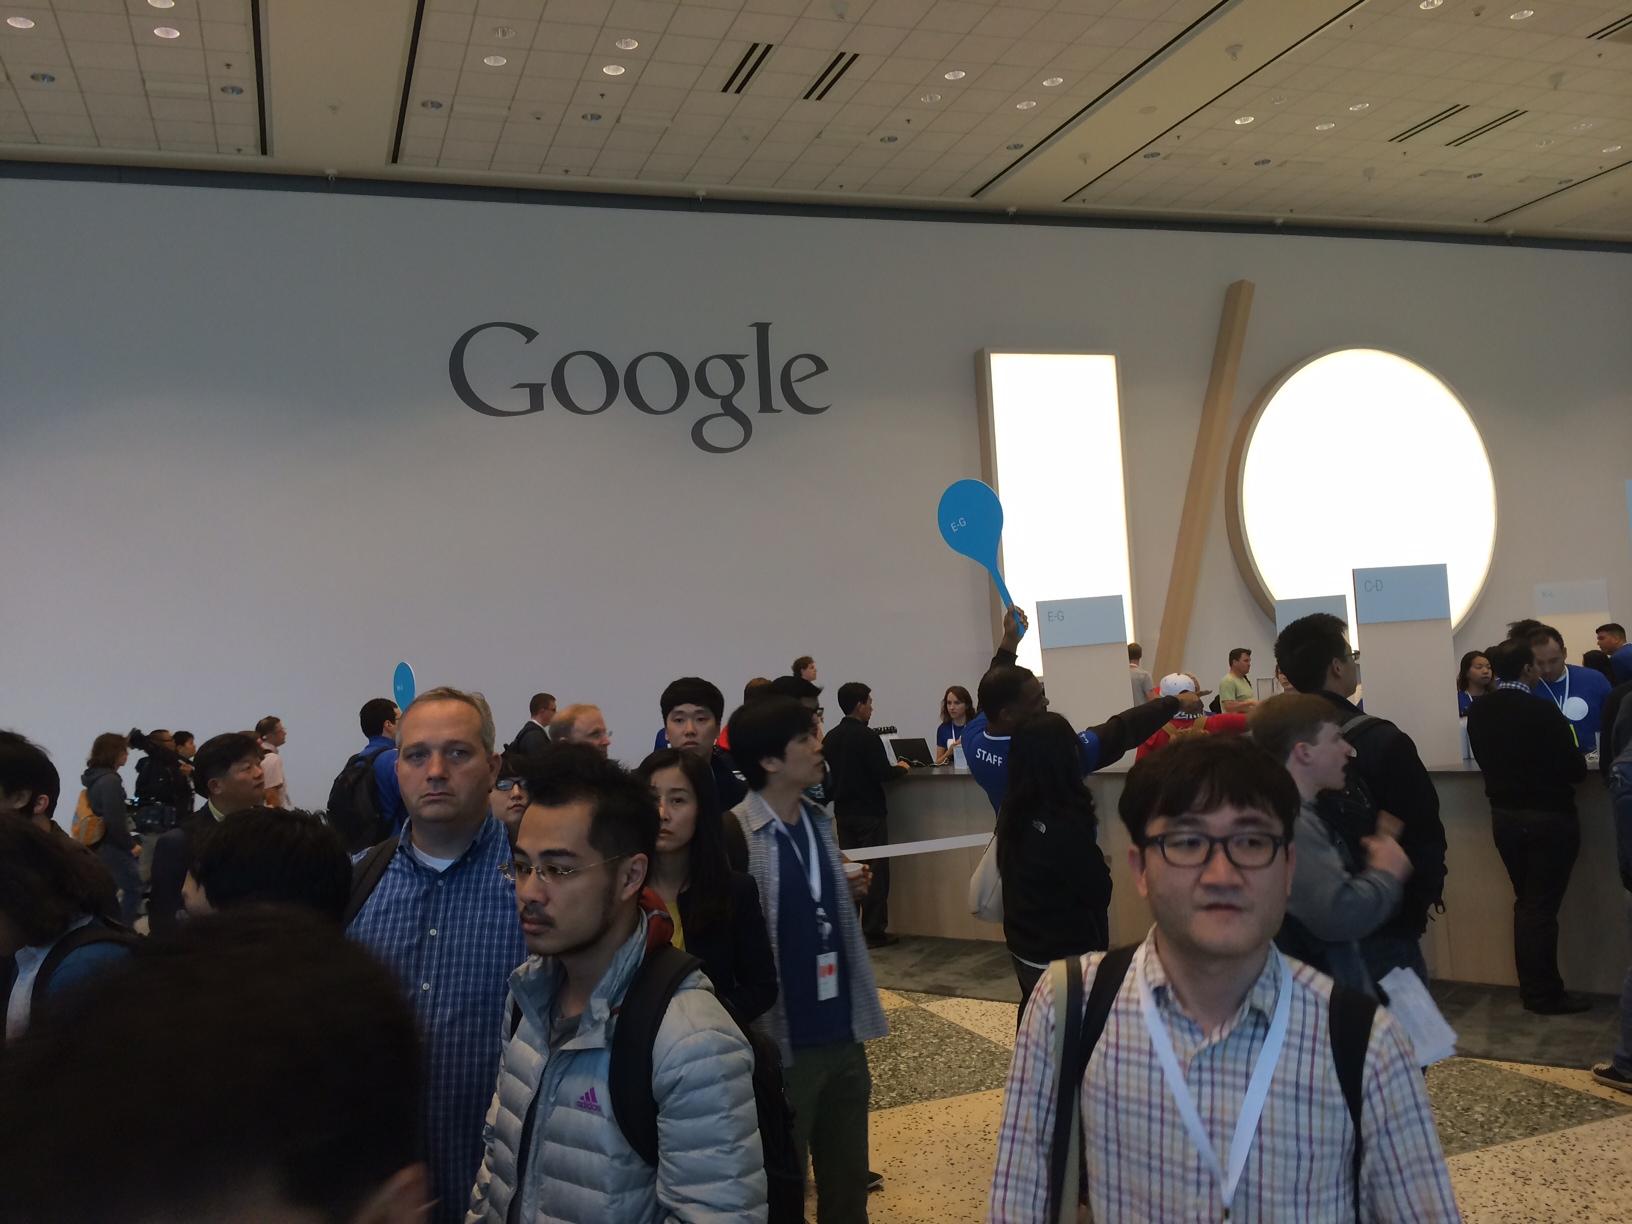 Google I/O 2014 crowd